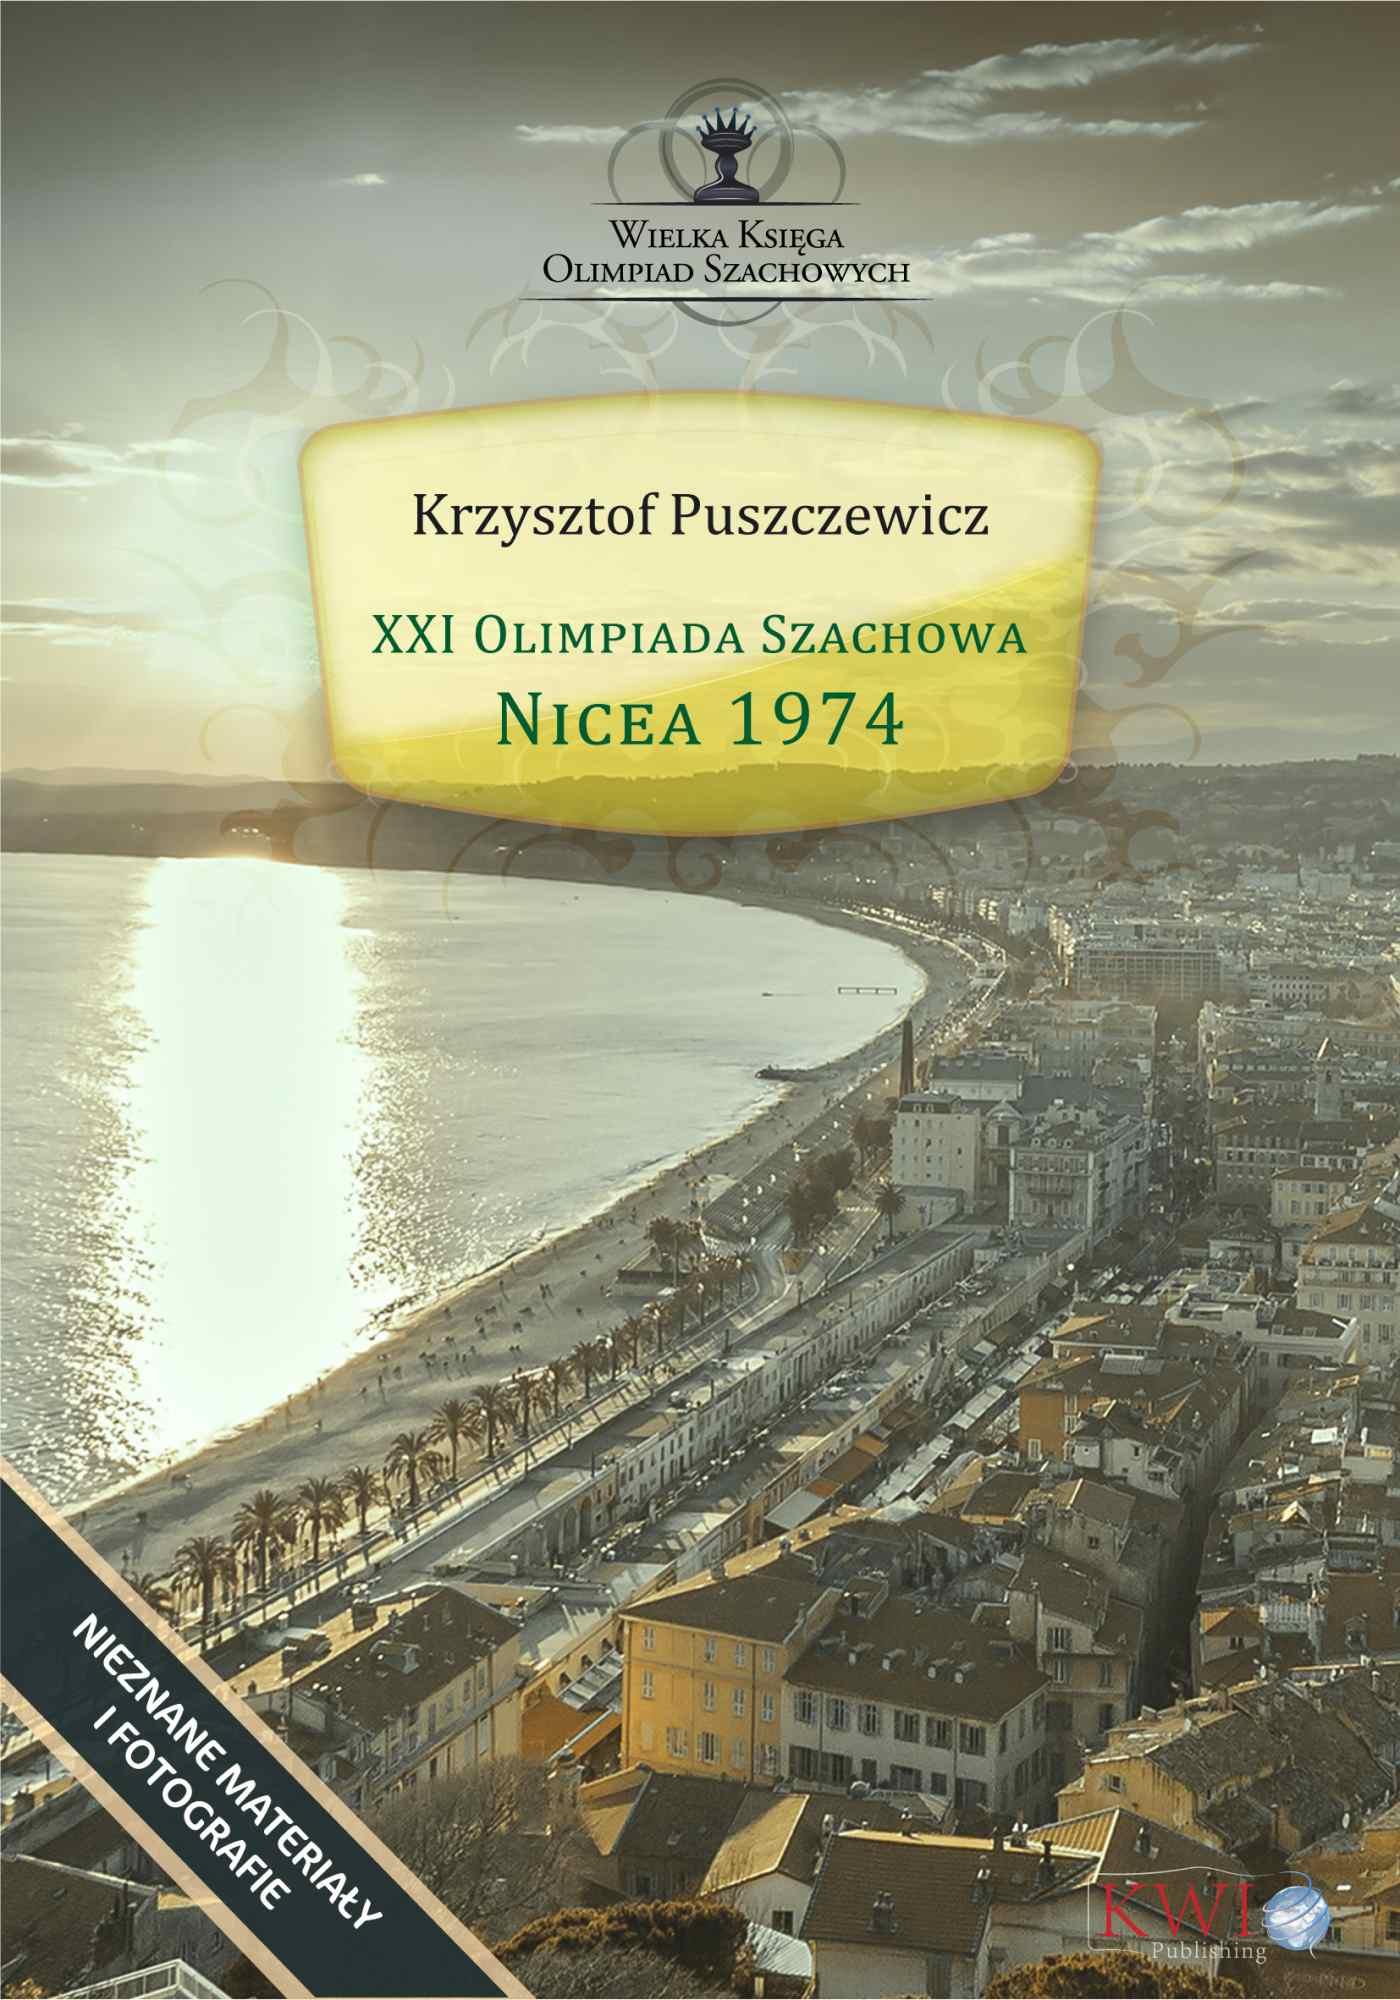 XXI Olimpiada Szachowa - Nicea 1974 - Ebook (Książka EPUB) do pobrania w formacie EPUB